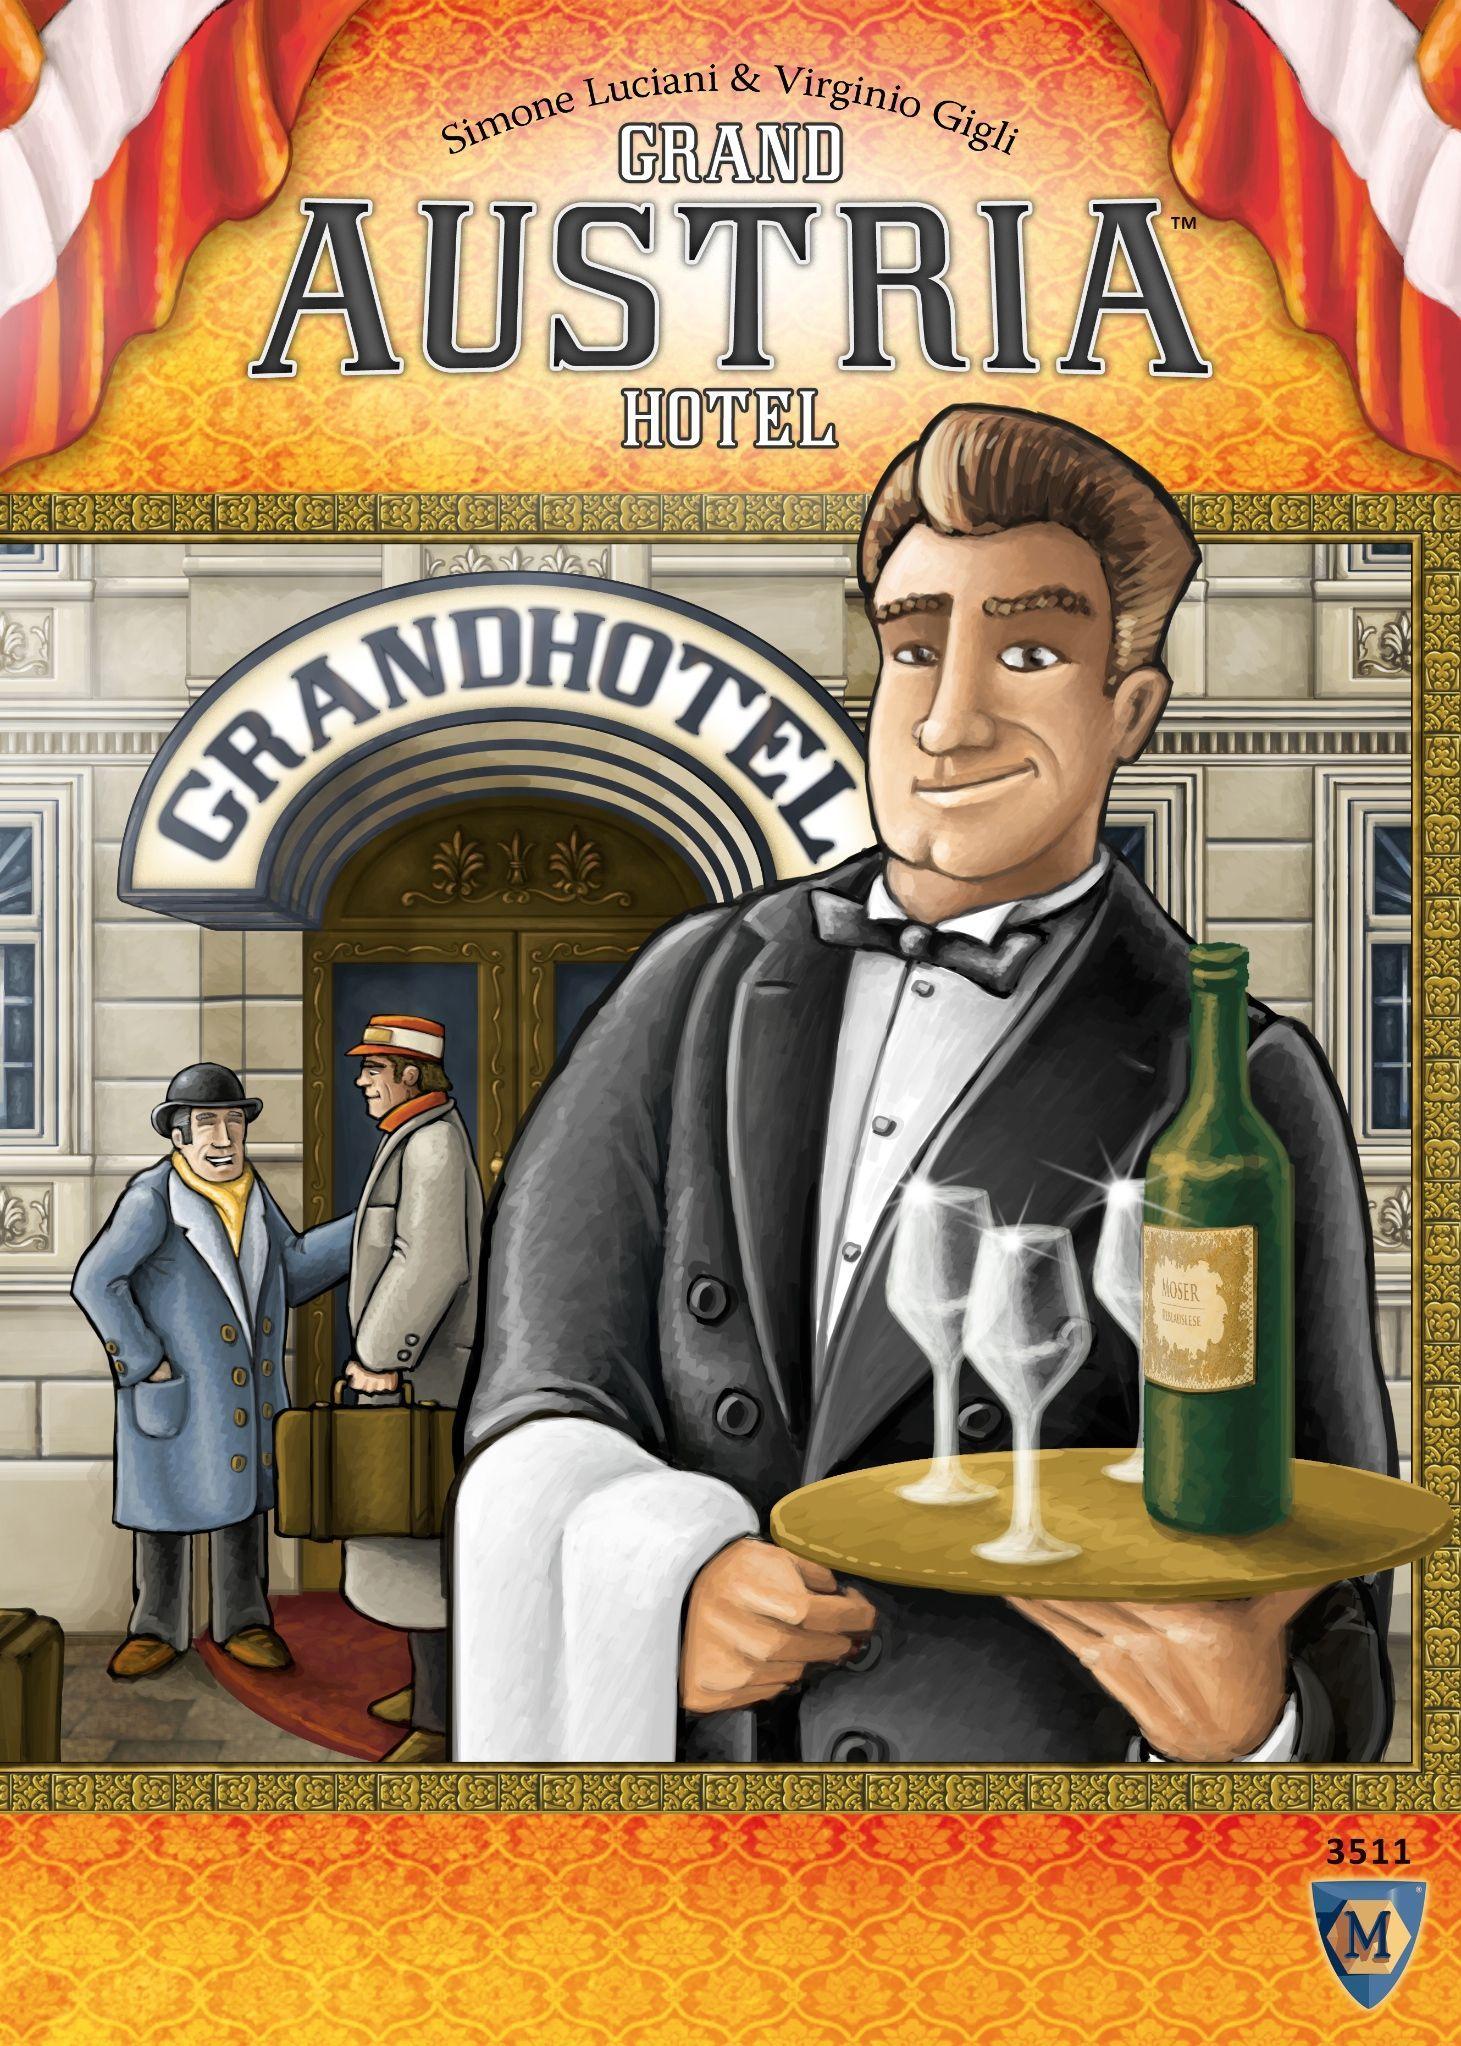 Grand Austria Hotel Maldito